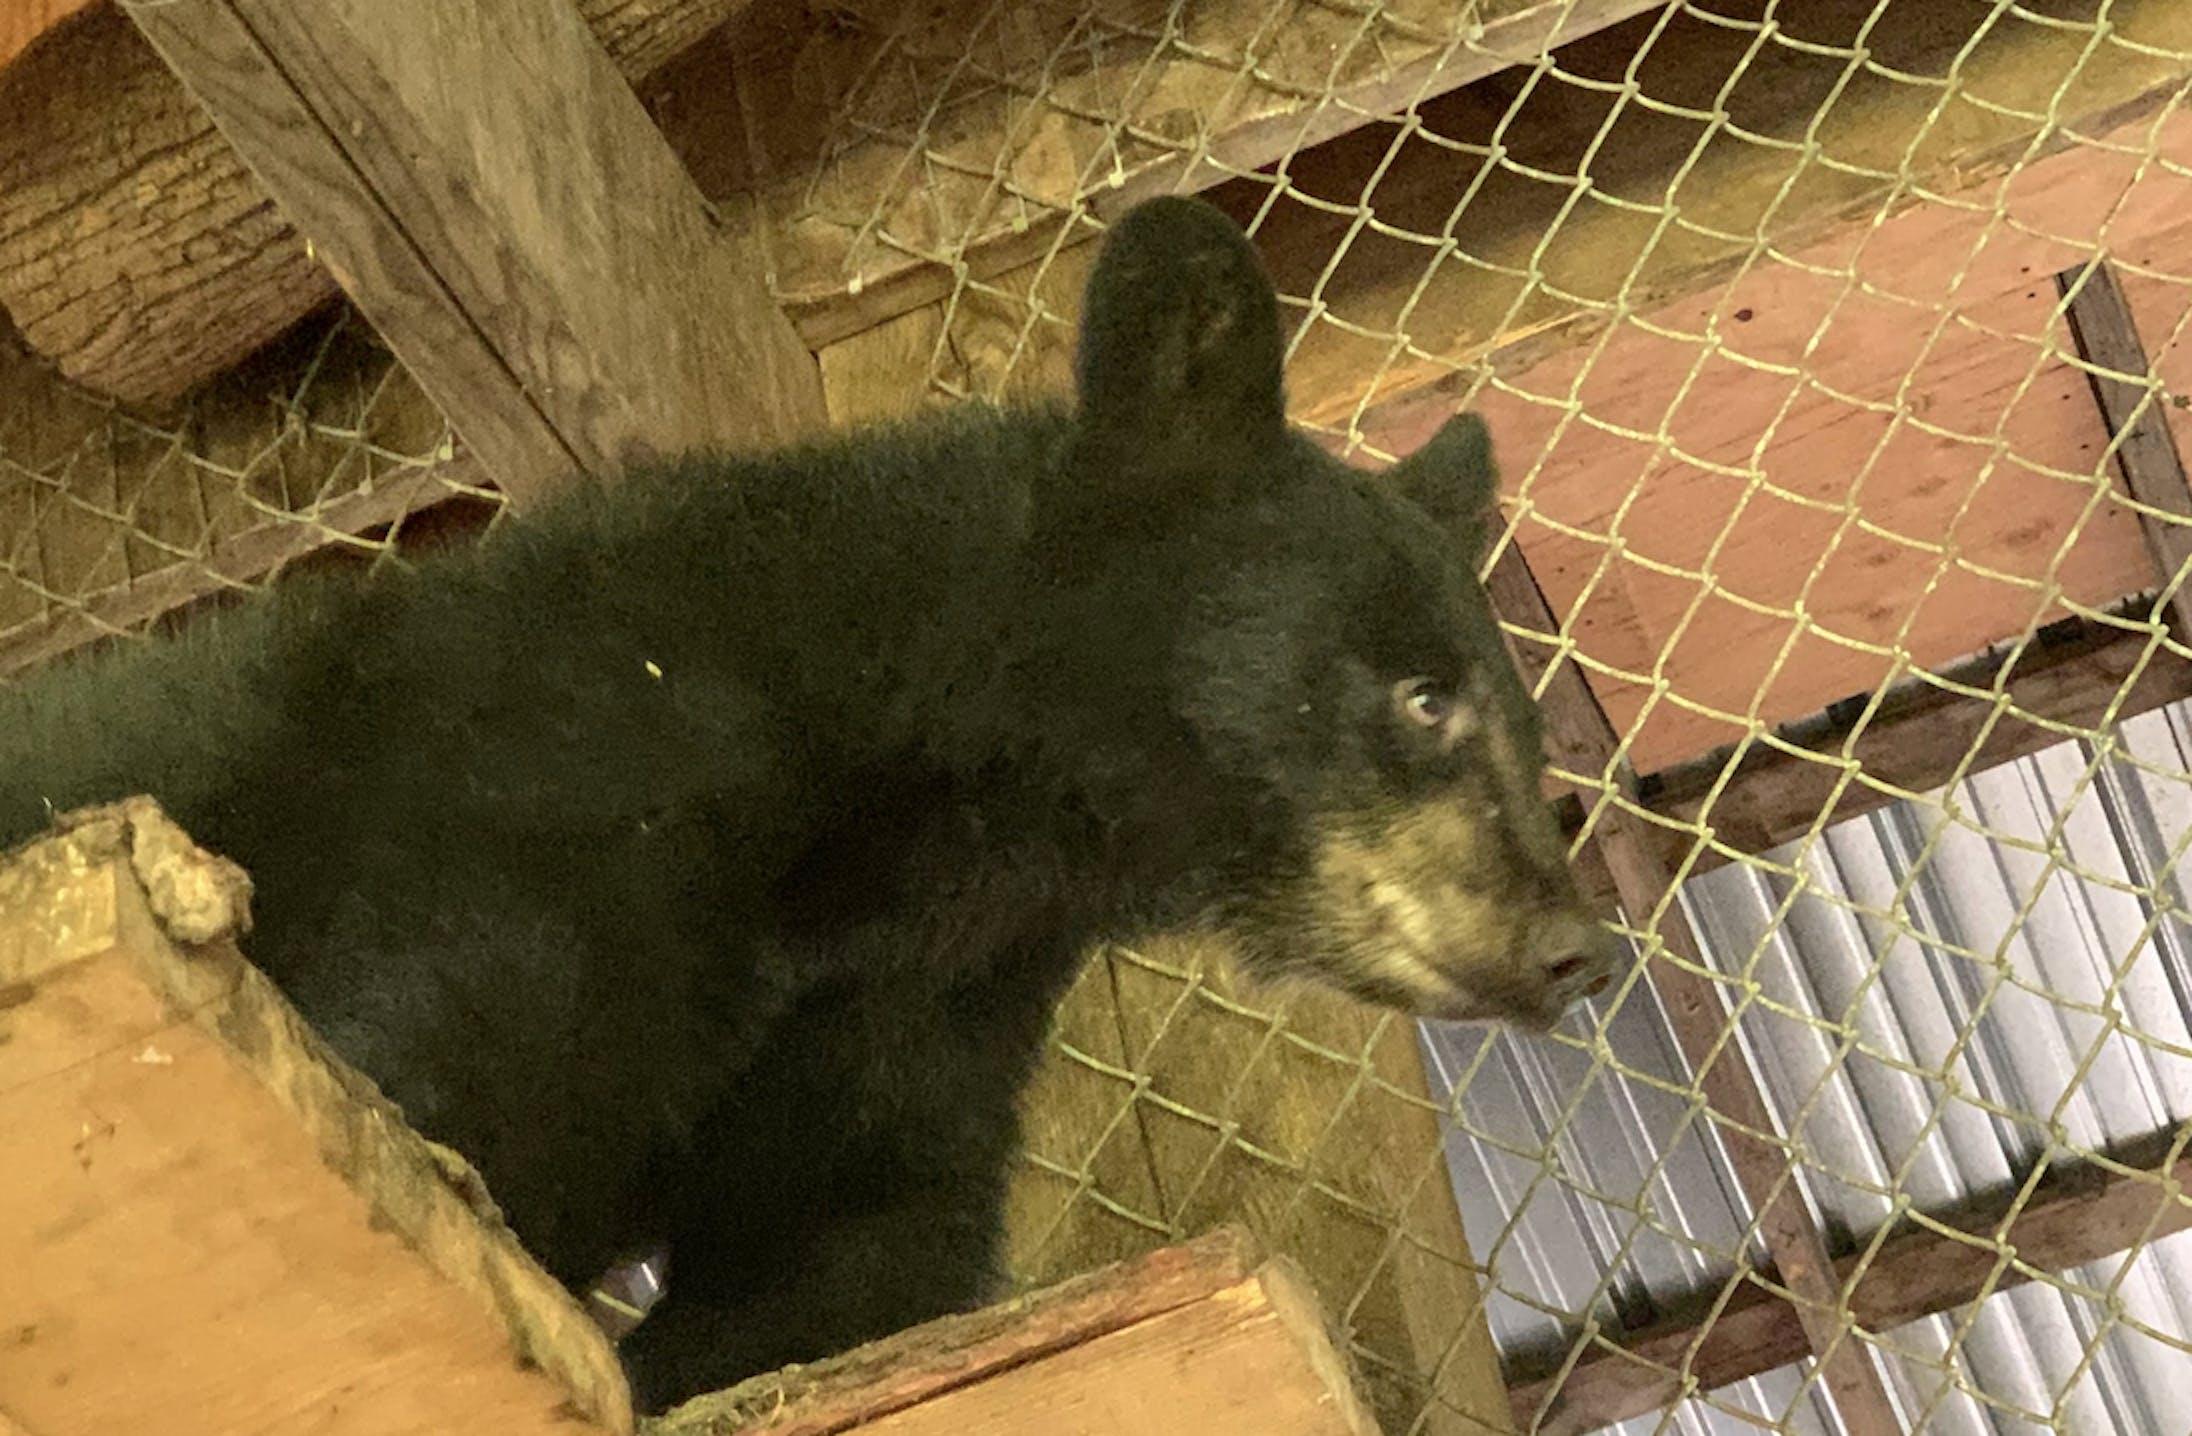 mink-cub